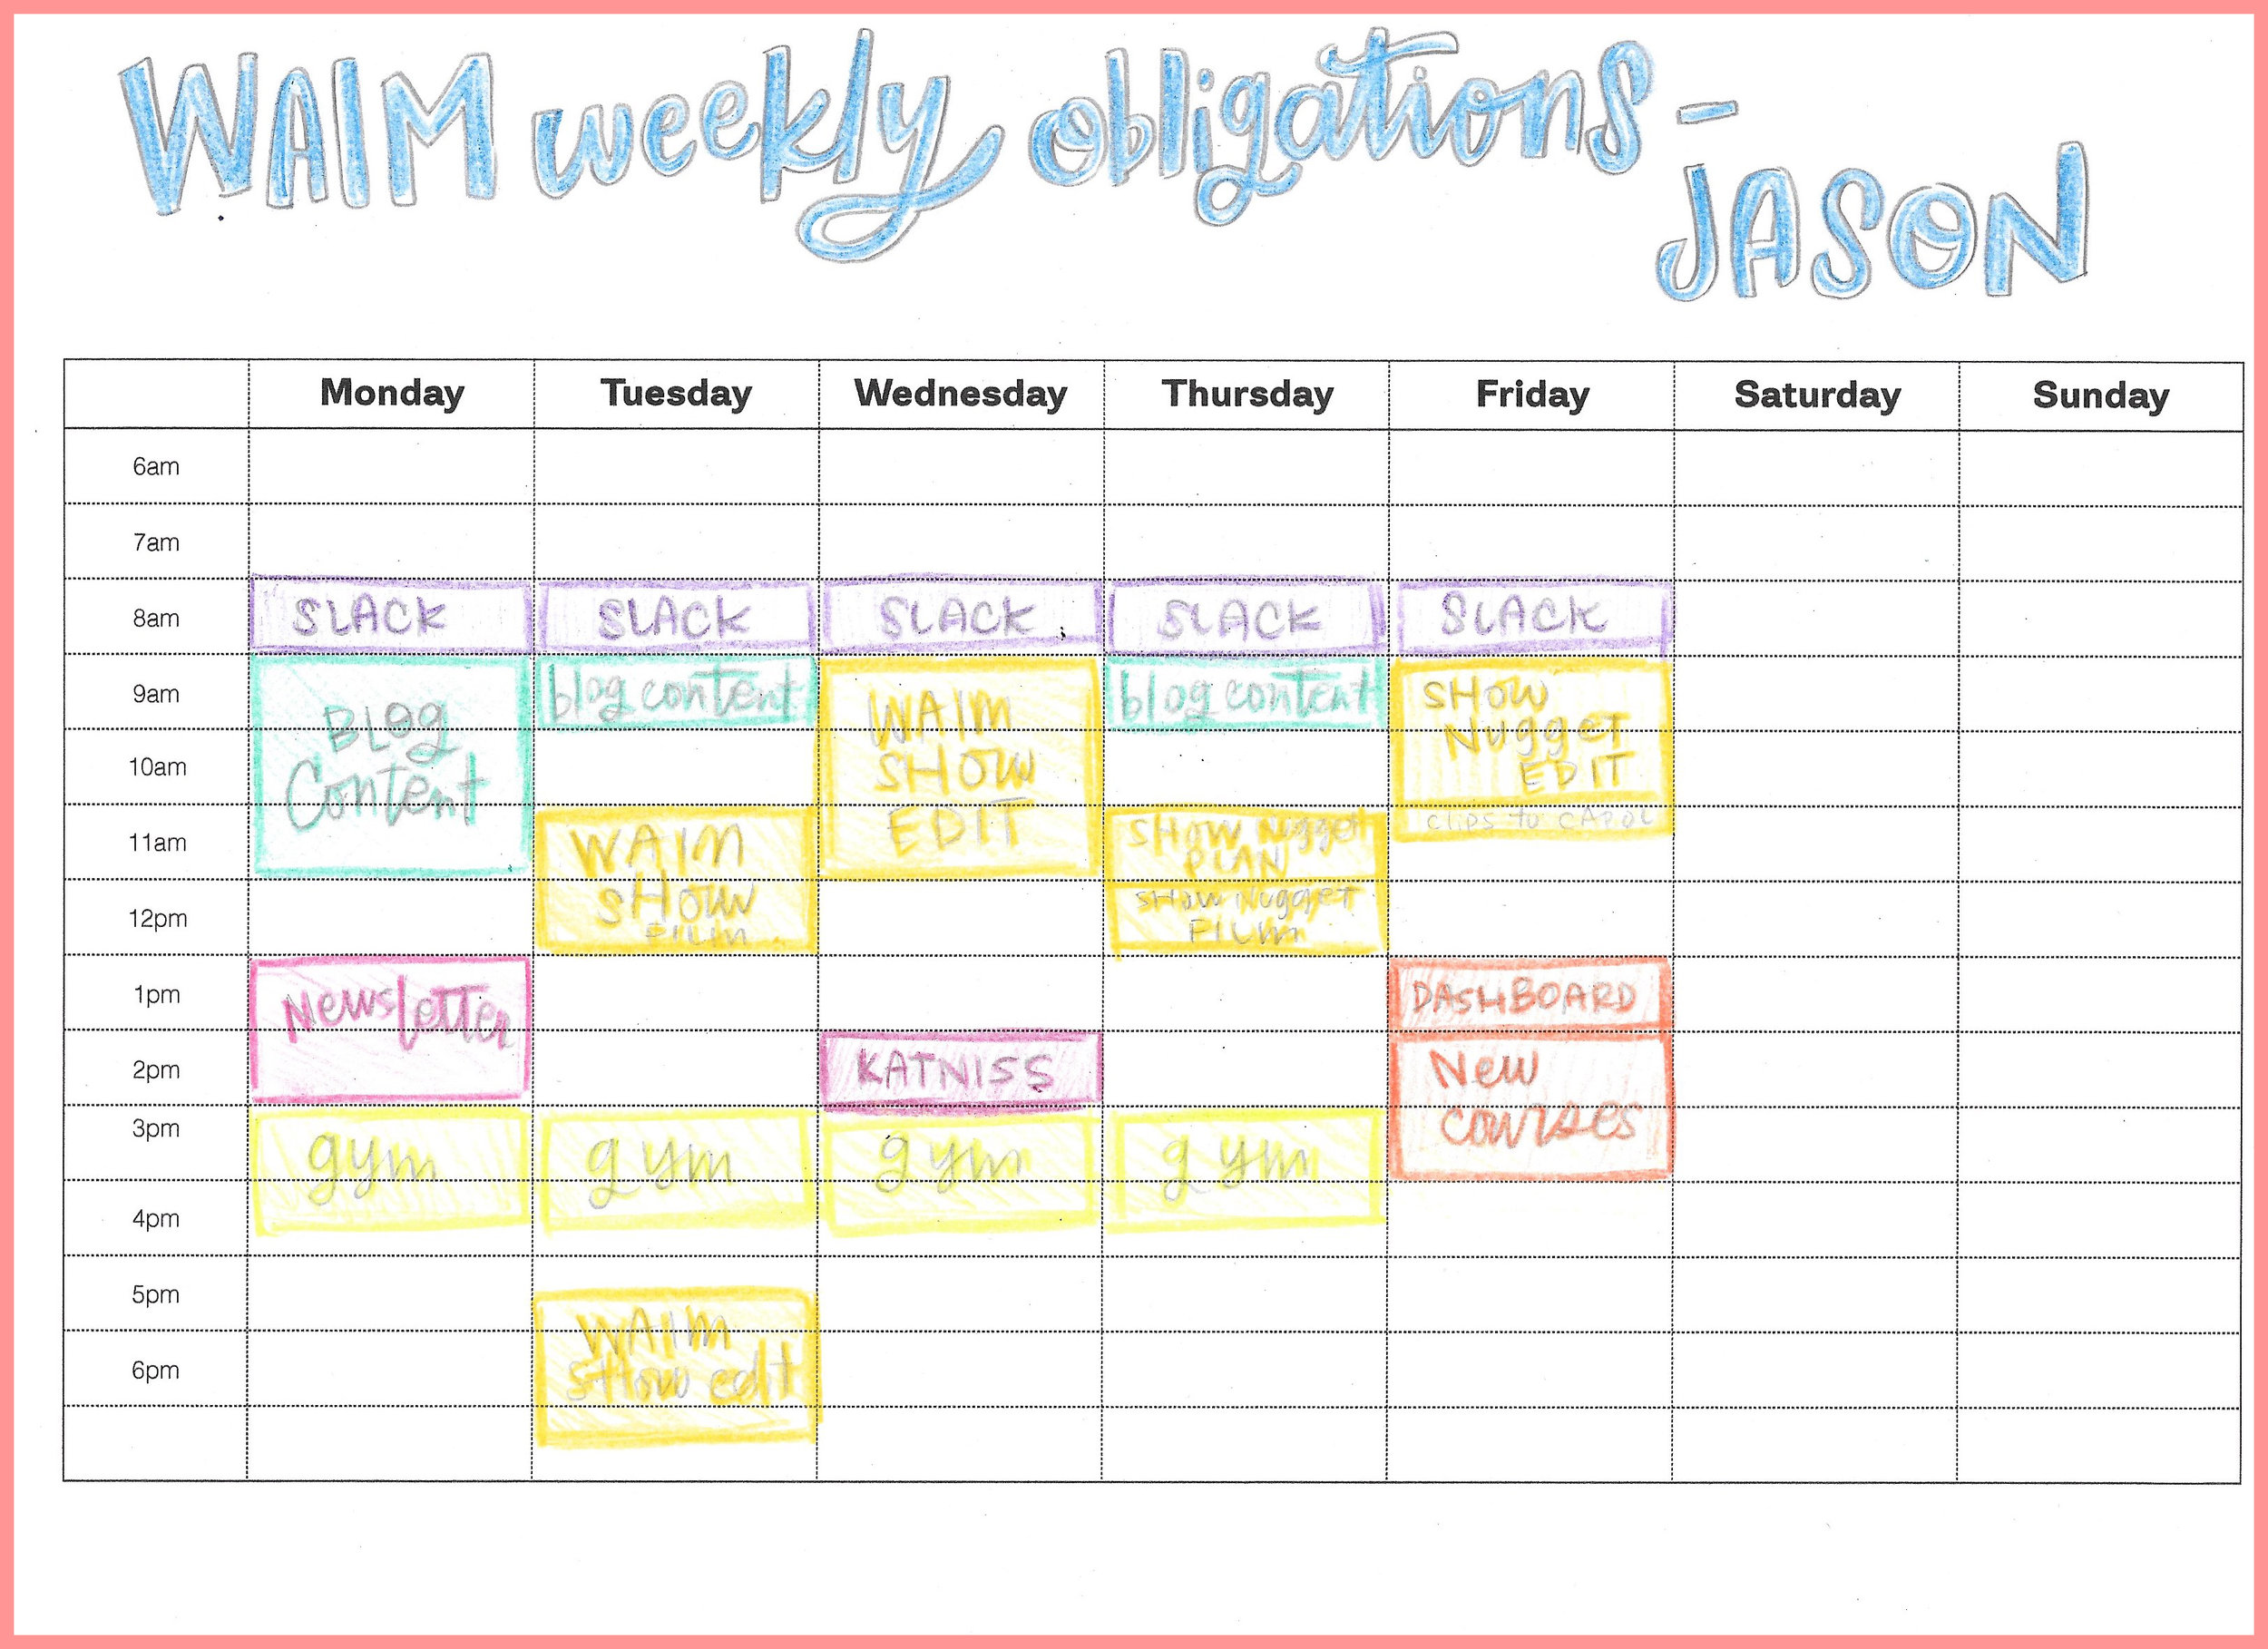 Jason-WeeklySchedule.jpg